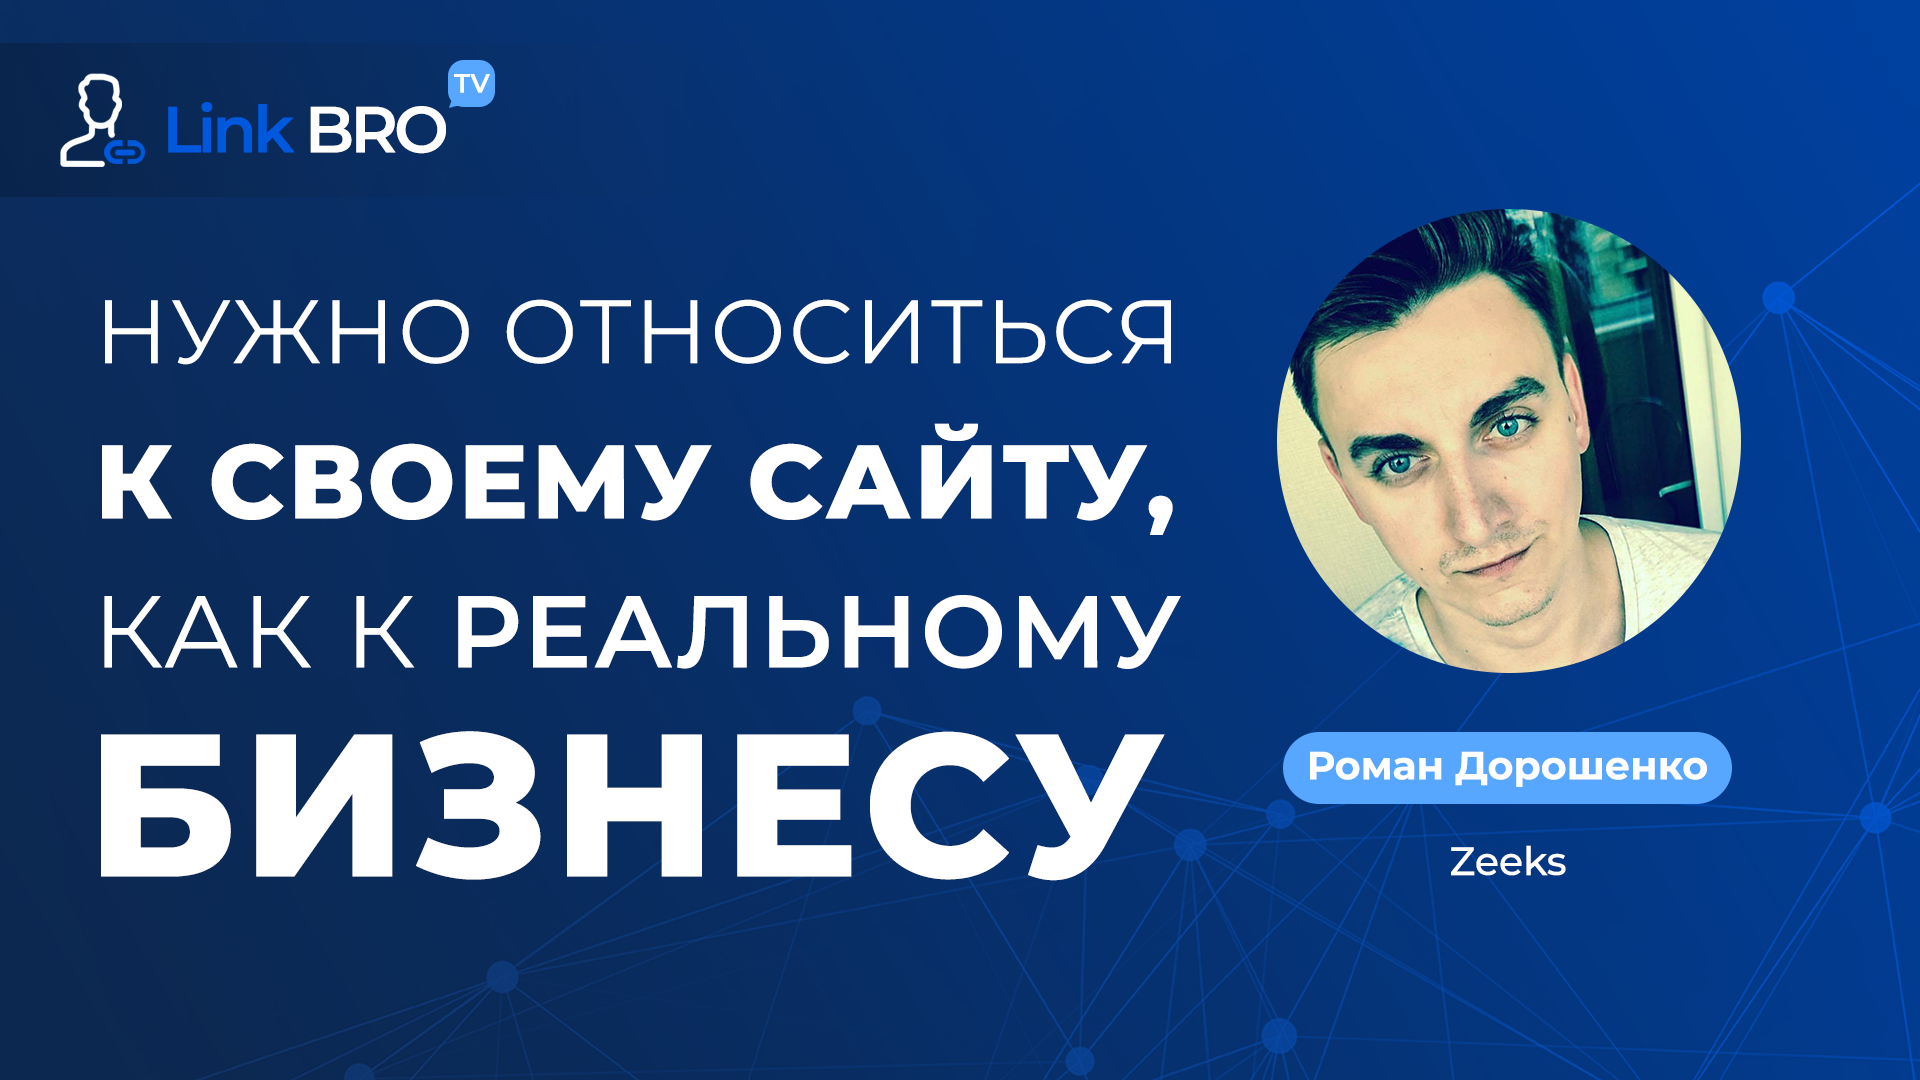 Роман Дорошенко (Zeeks) — Нужно относиться к своему сайту, как к реальному бизнесу